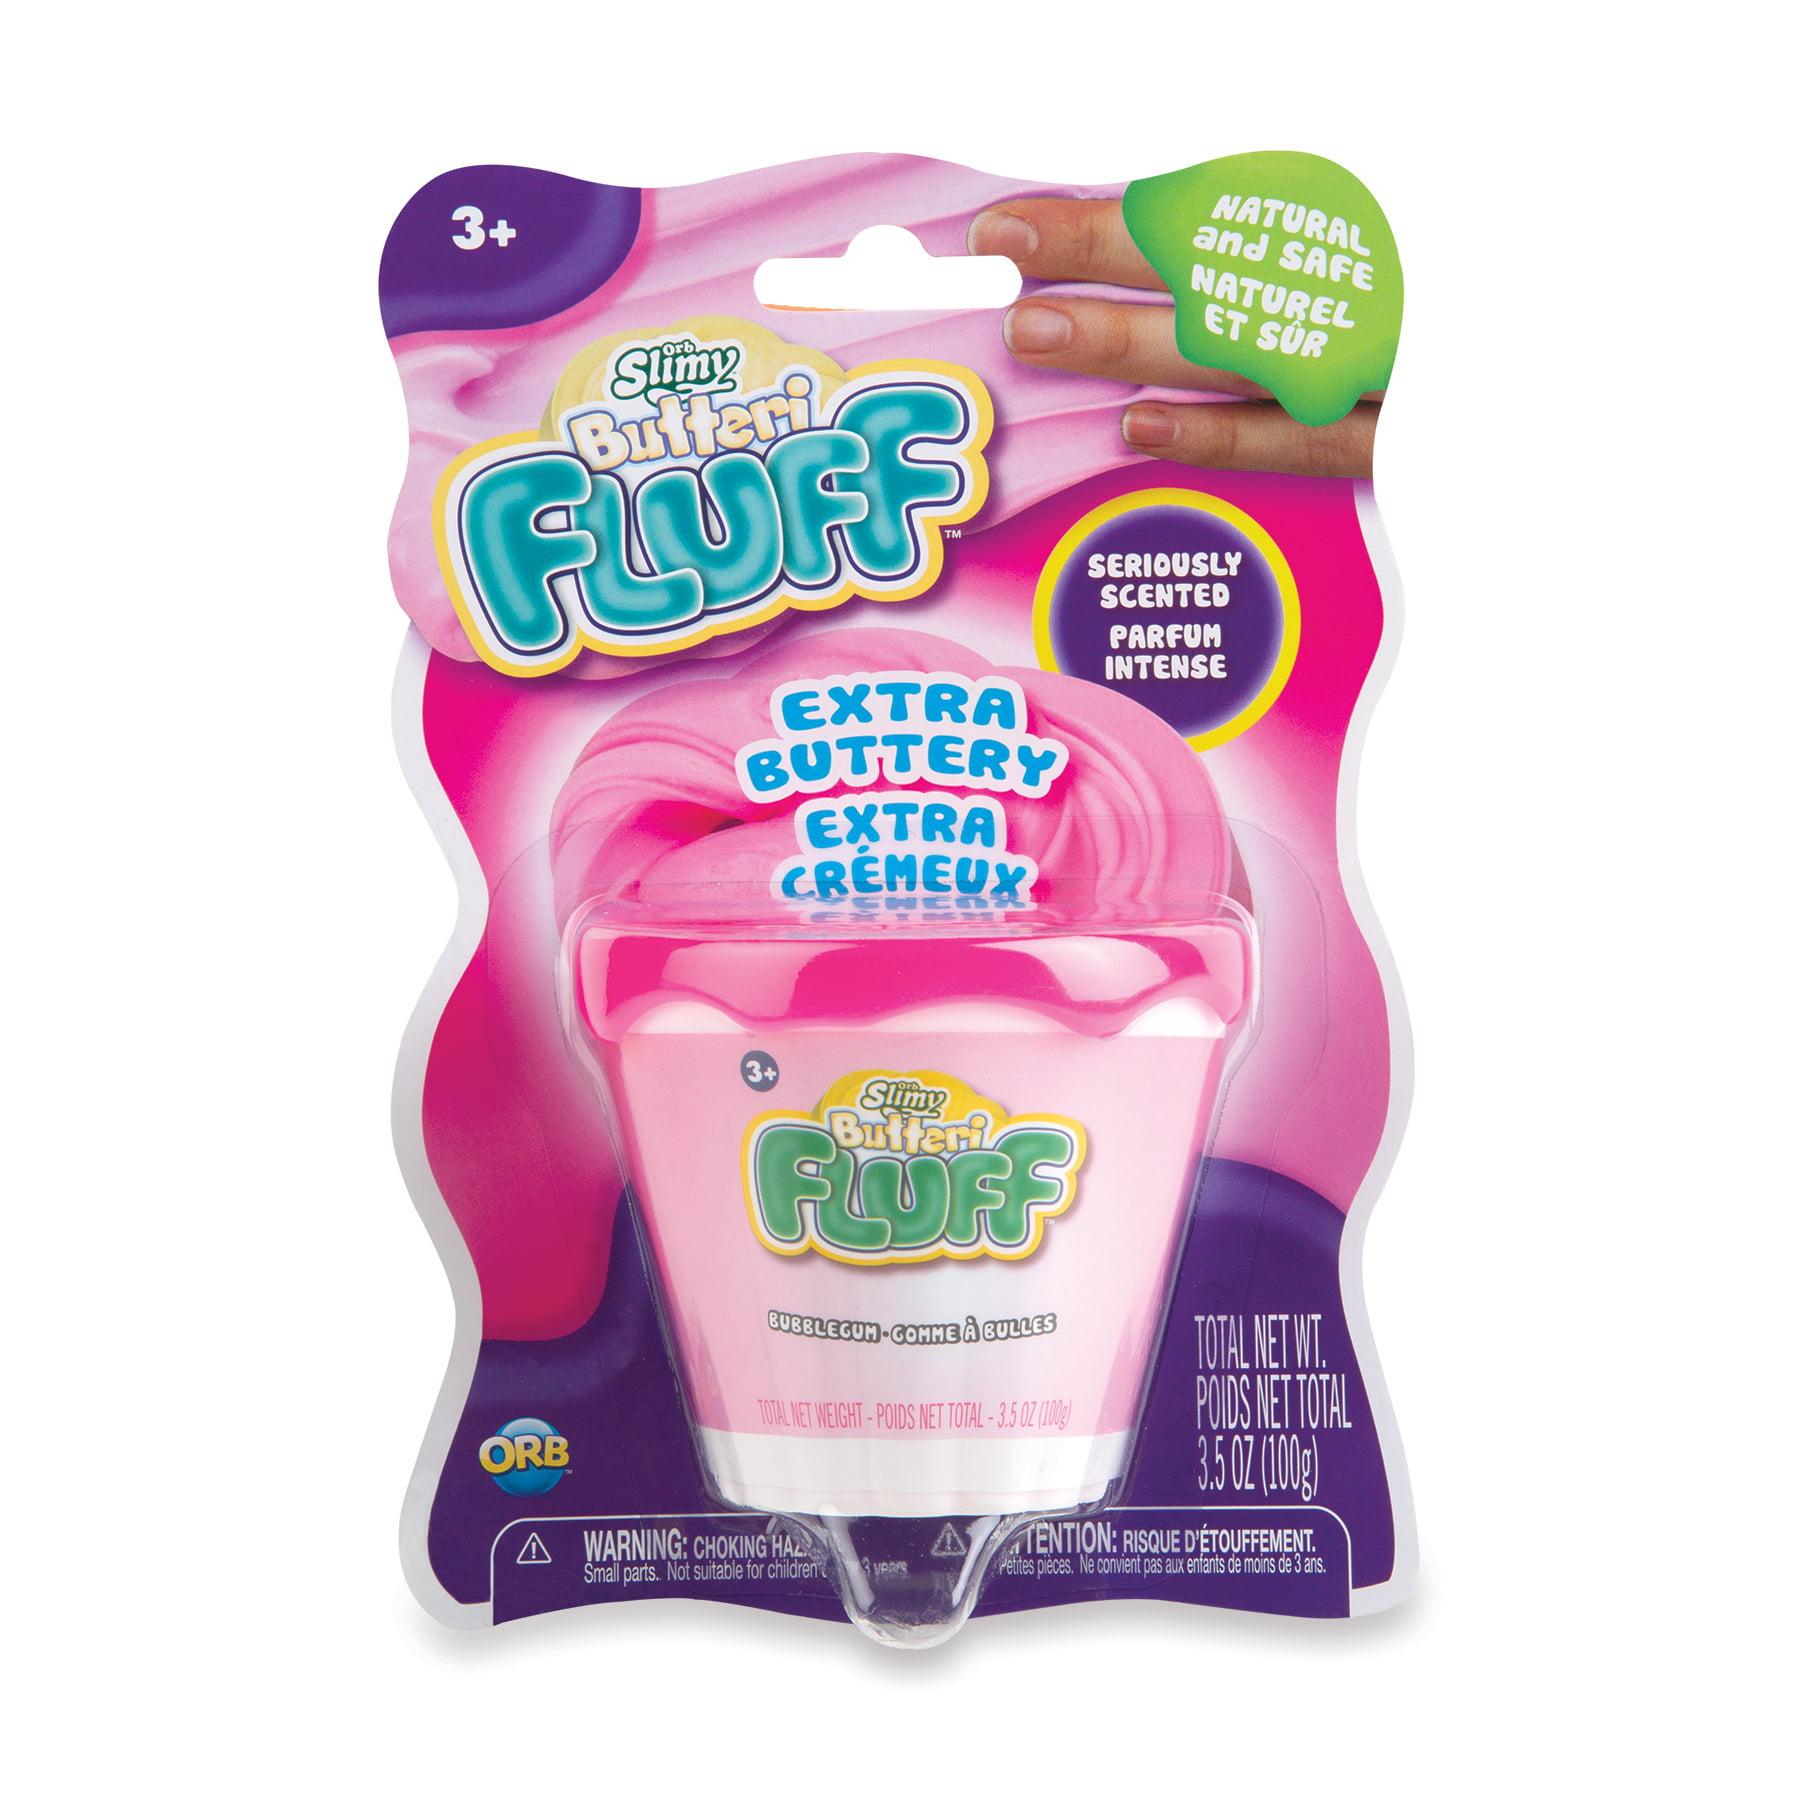 Orbslimy Butterifluff Pink